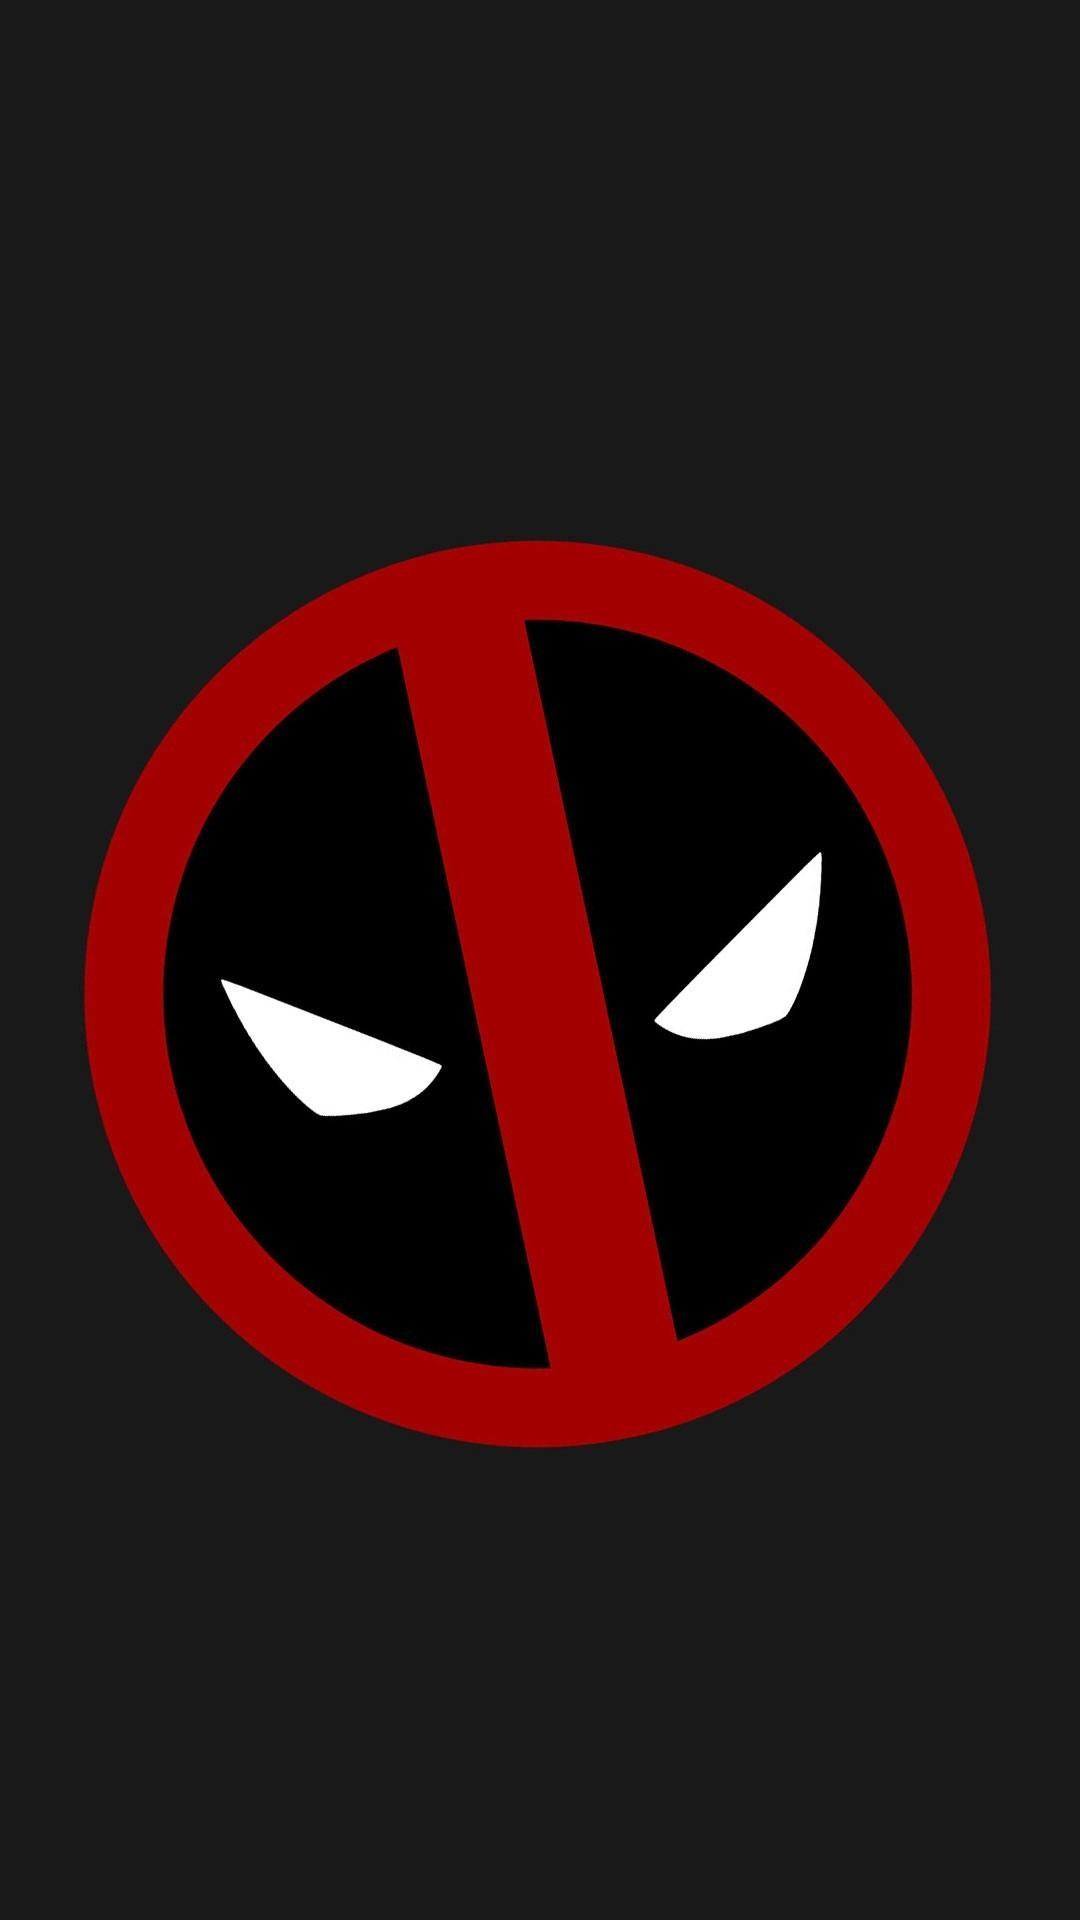 Res: 1080x1920, 1920x1080 Deadpool Logo Wallpaper HD PixelsTalk Superhero Logo Wallpapers  PixelsTalk Air Jordan Logo Wallpaper HD 1920x1080